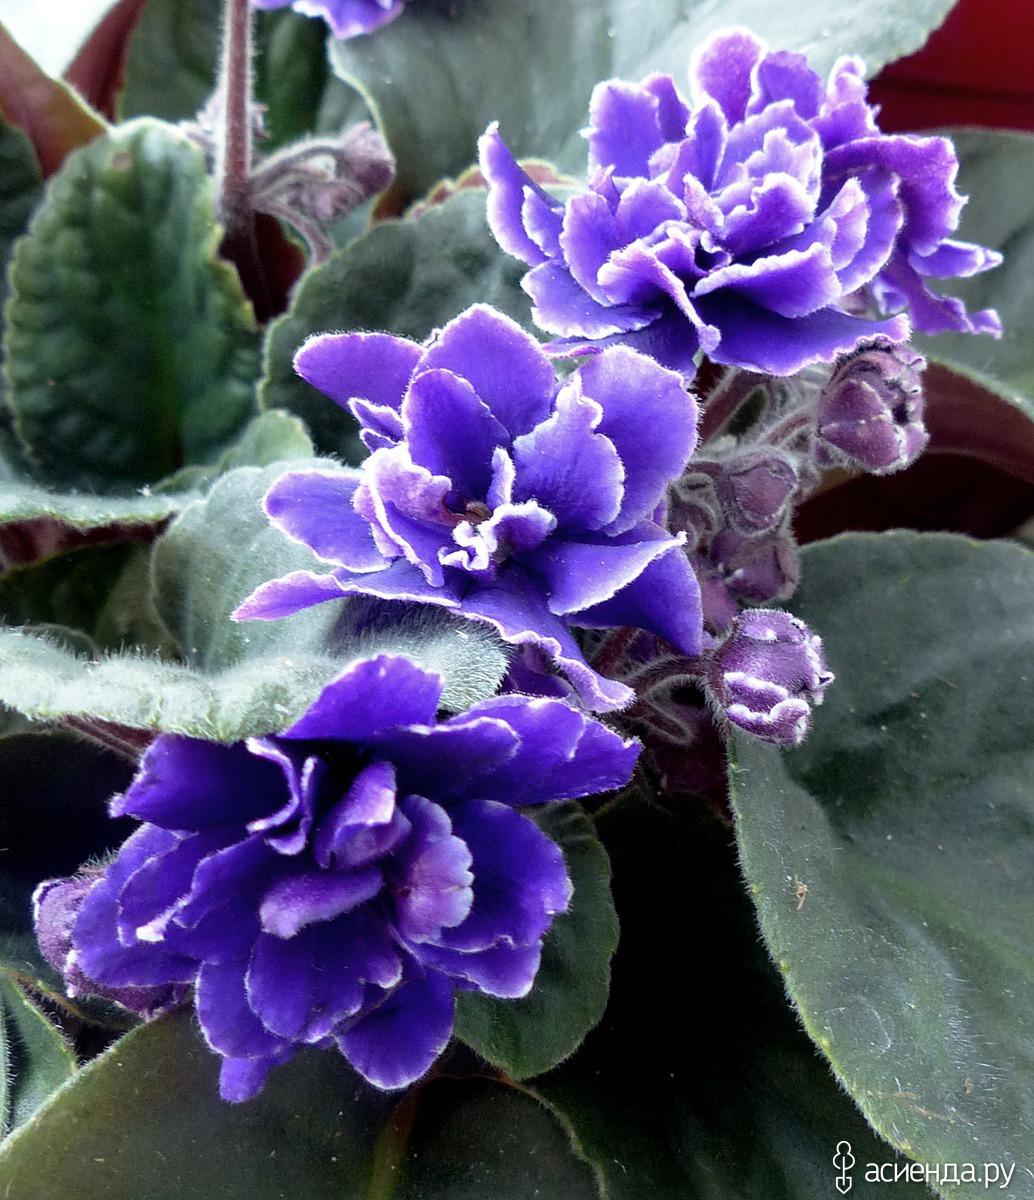 Каталог нецветущих комнатных цветов с фото пропускает